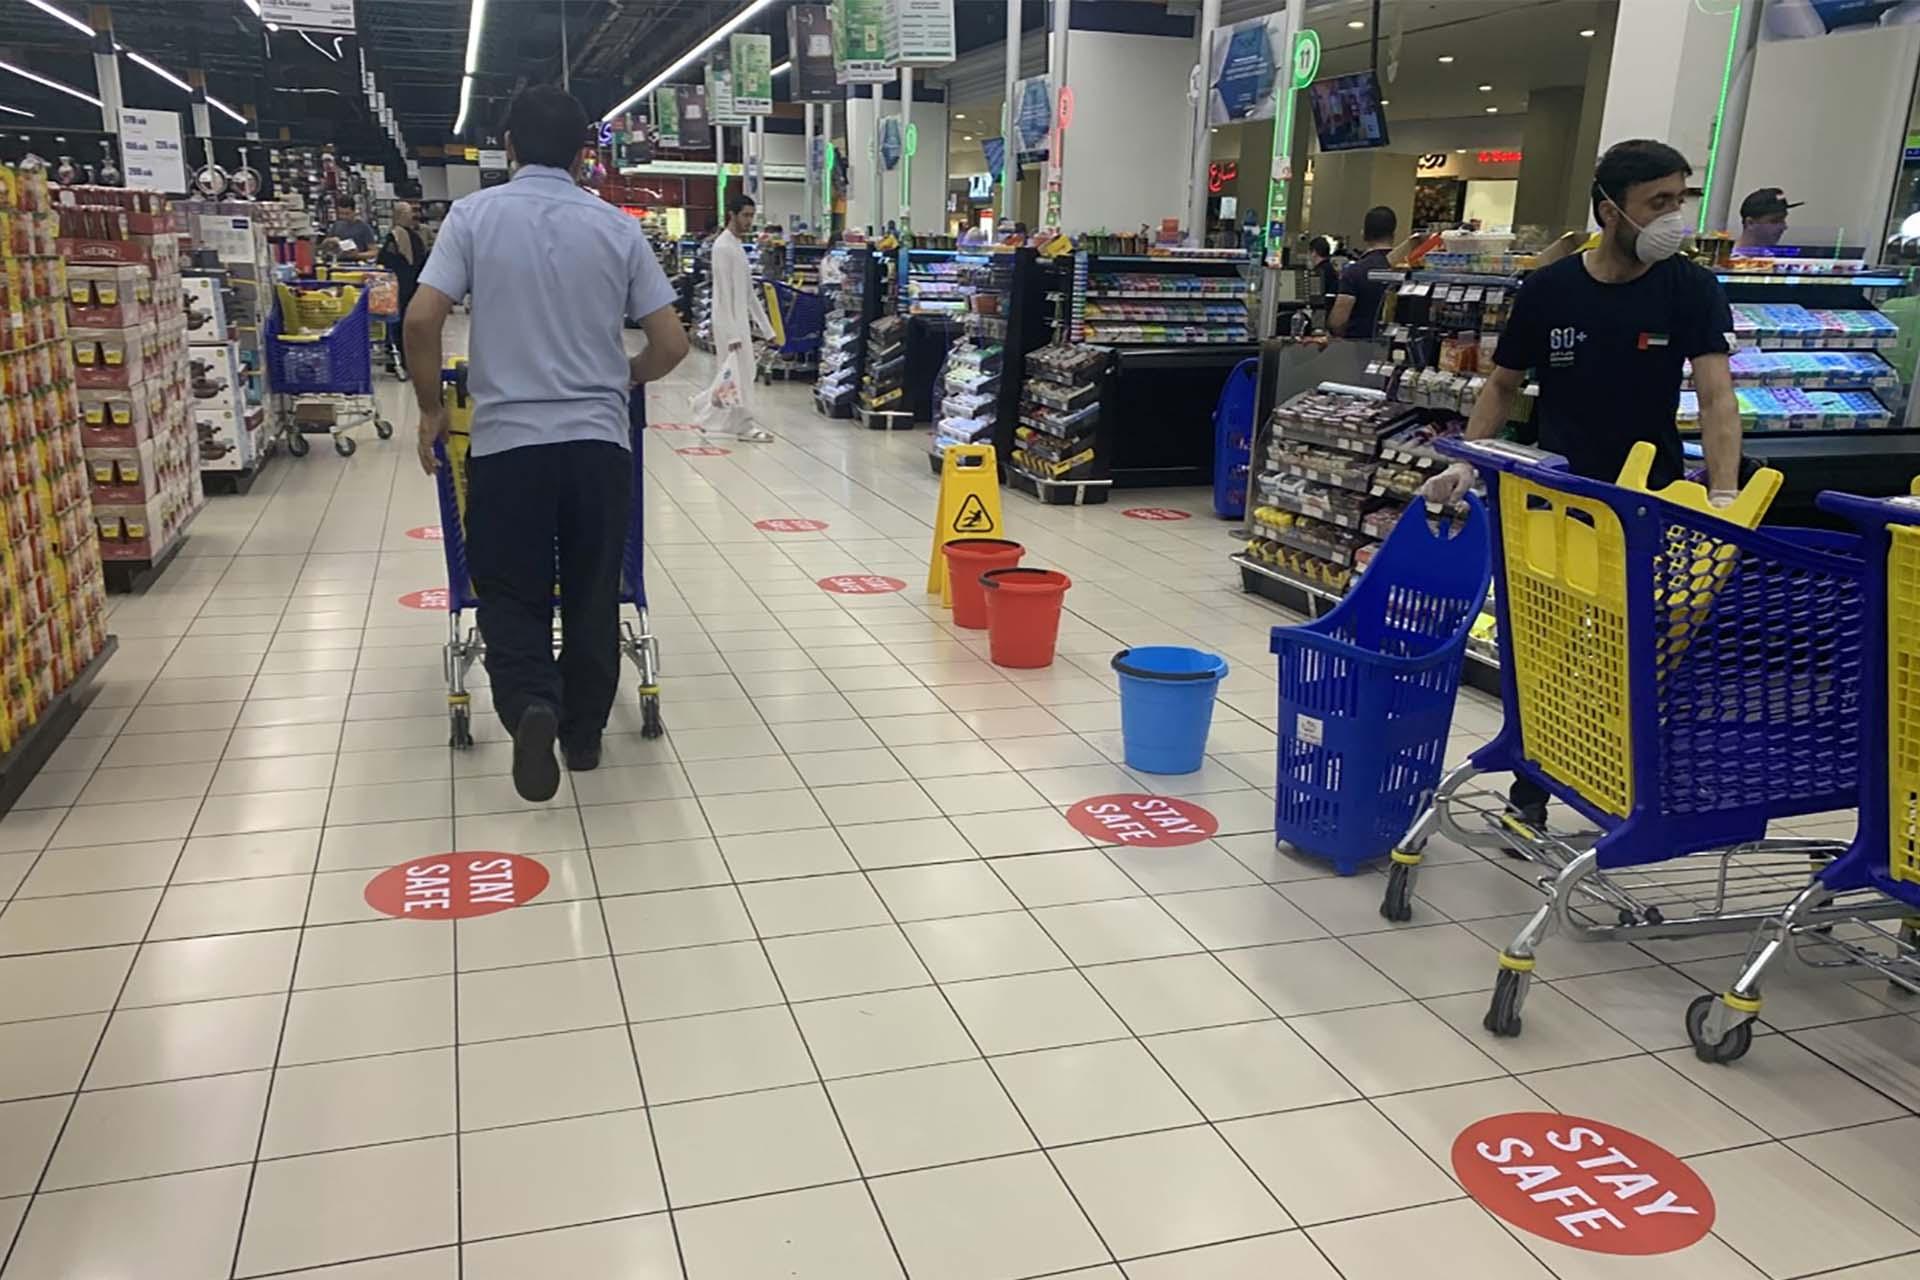 El suelo de un supermercado en Dubai con las marcas para mantener la distancia.